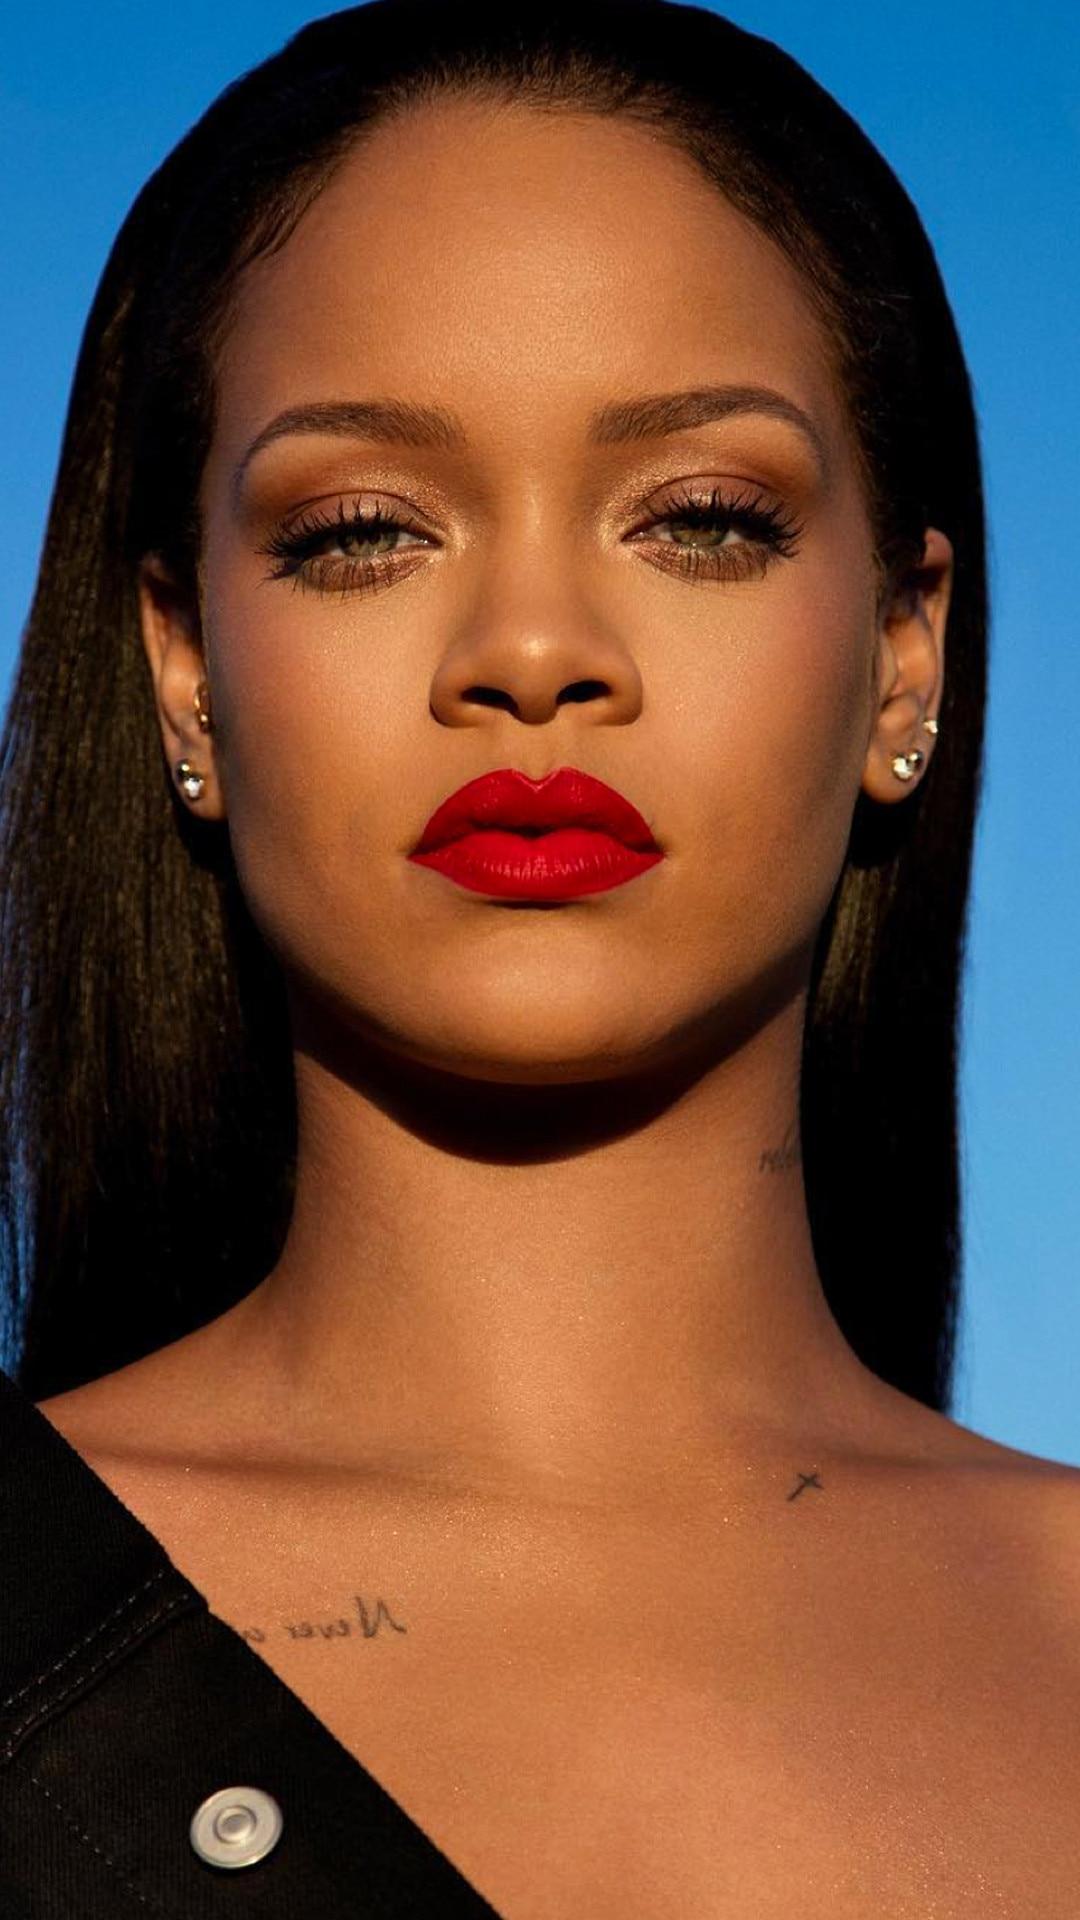 ESC: Style Awards 2017, Rihanna - Fenty